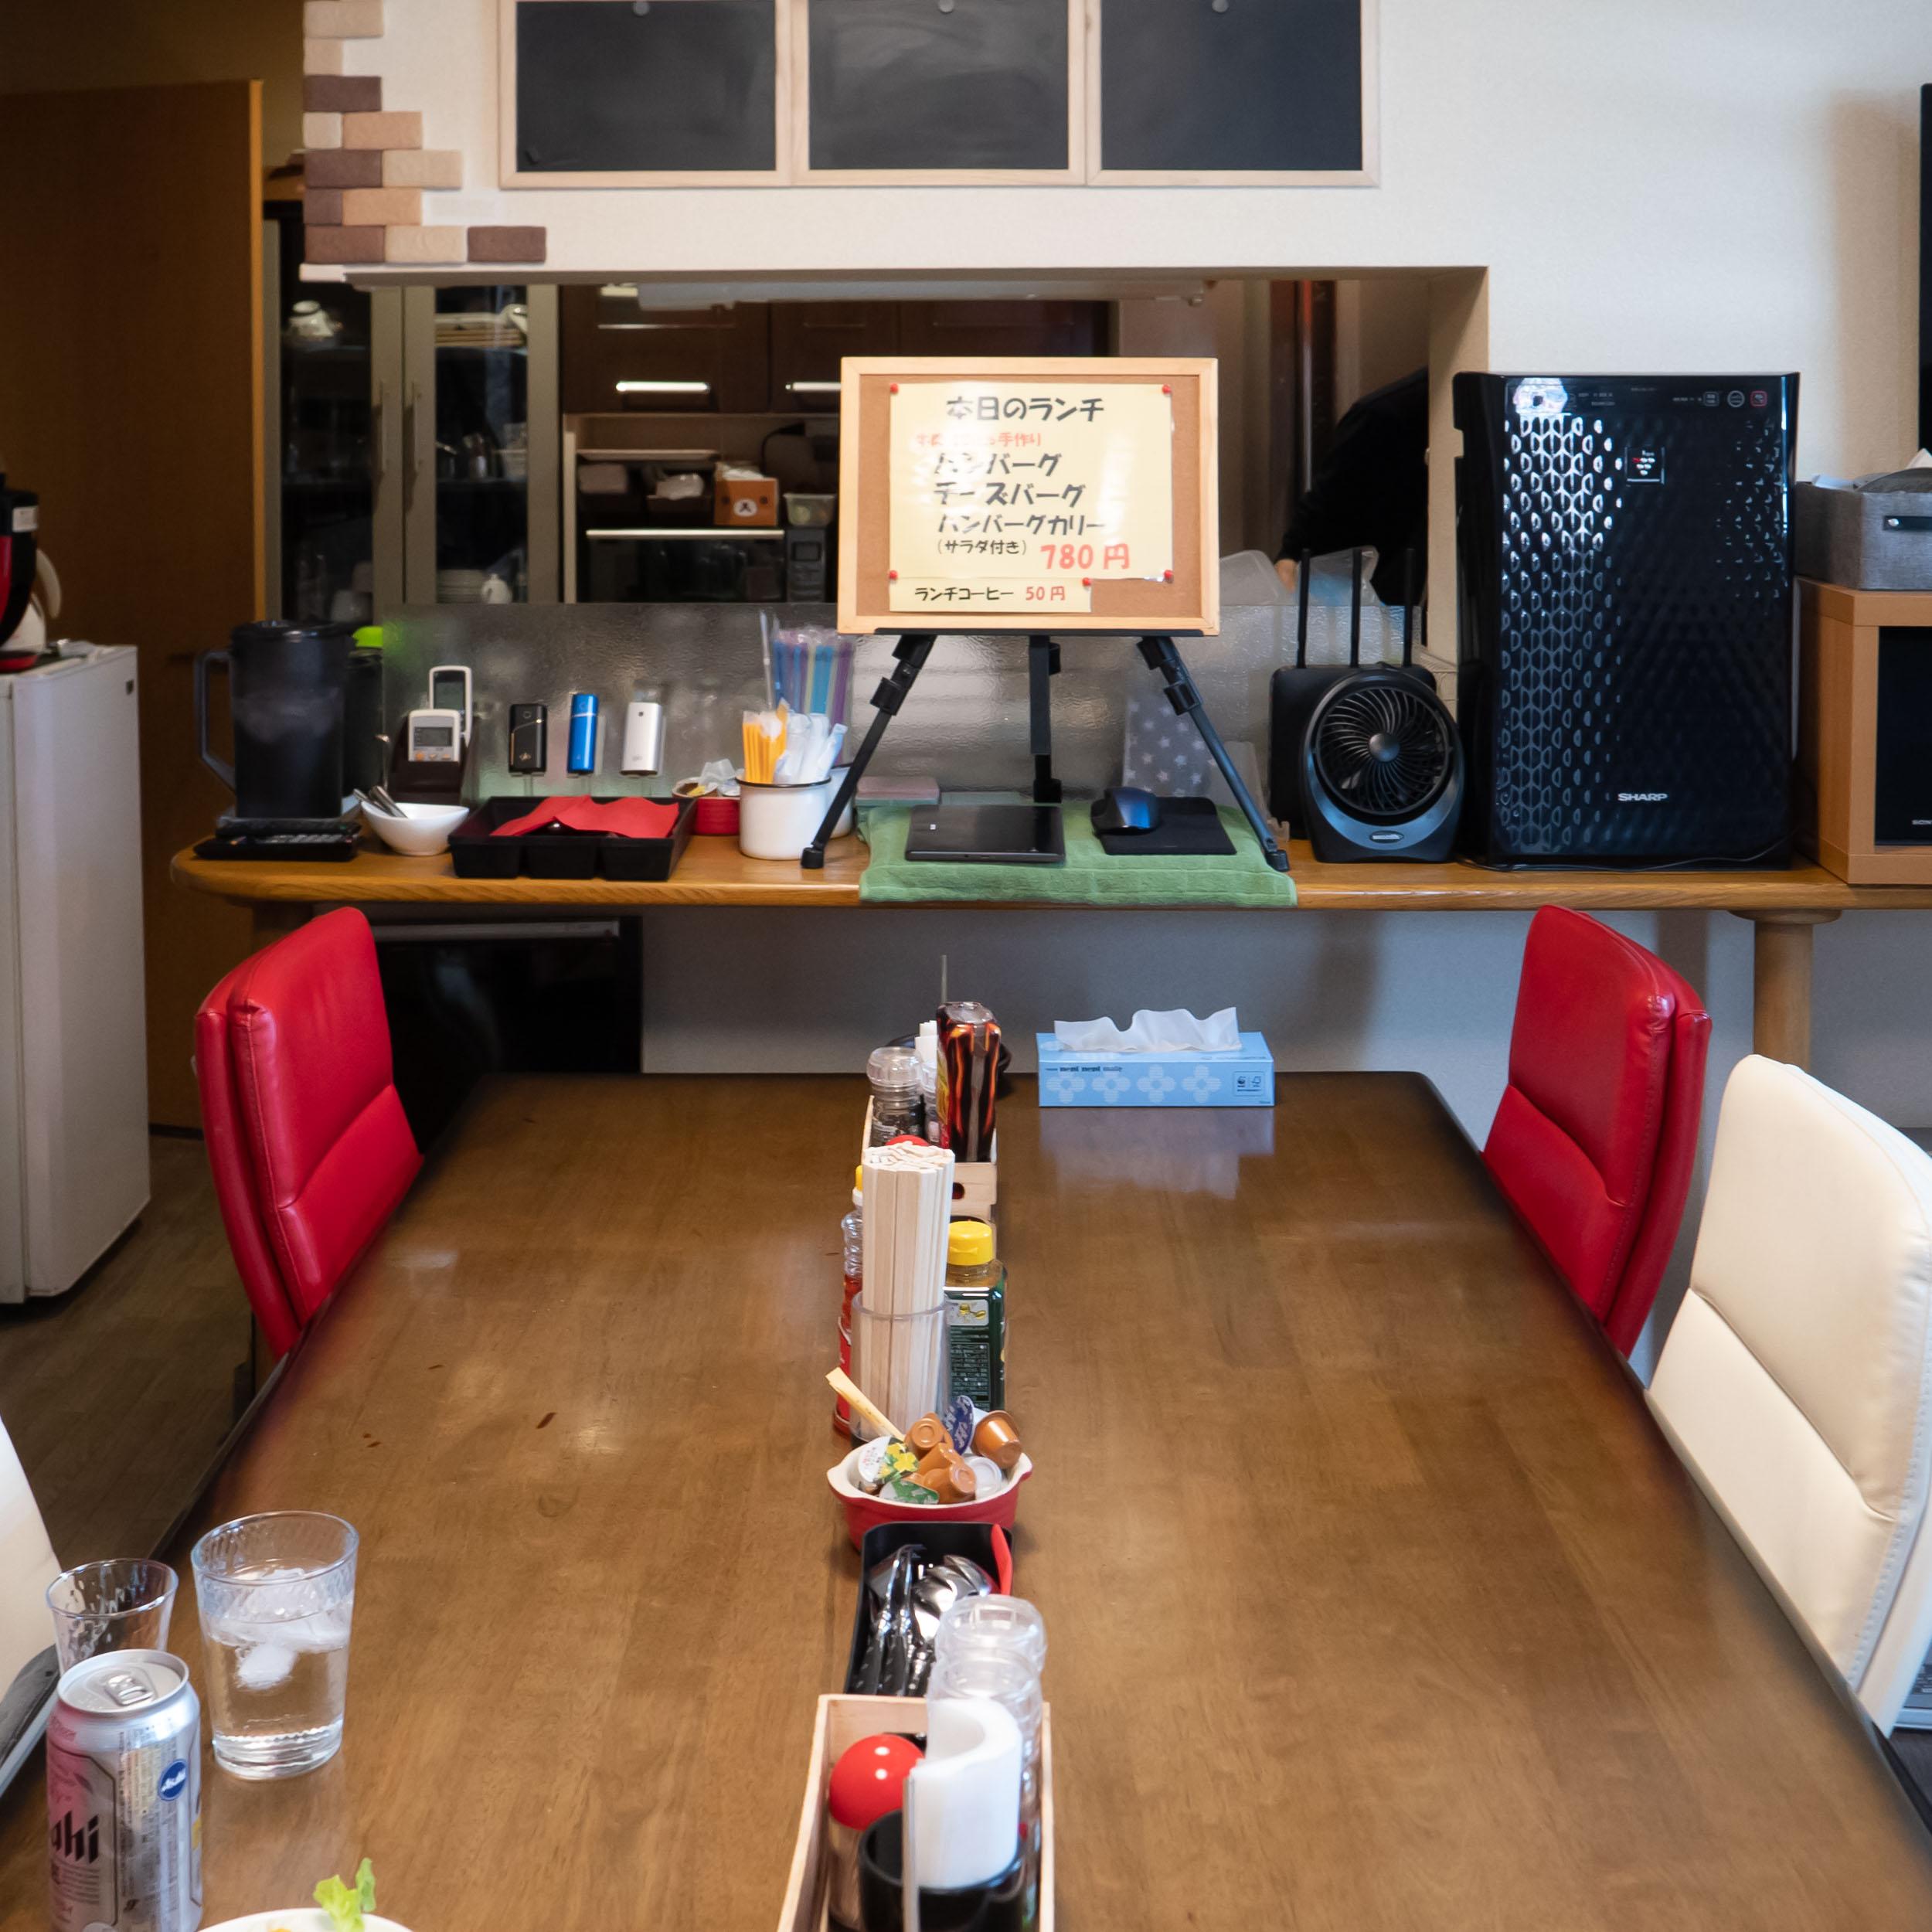 カレーとハンバーグ「GG&バーグ」の店内<br> DMC-GX8 + LEICA DG 12-60mm